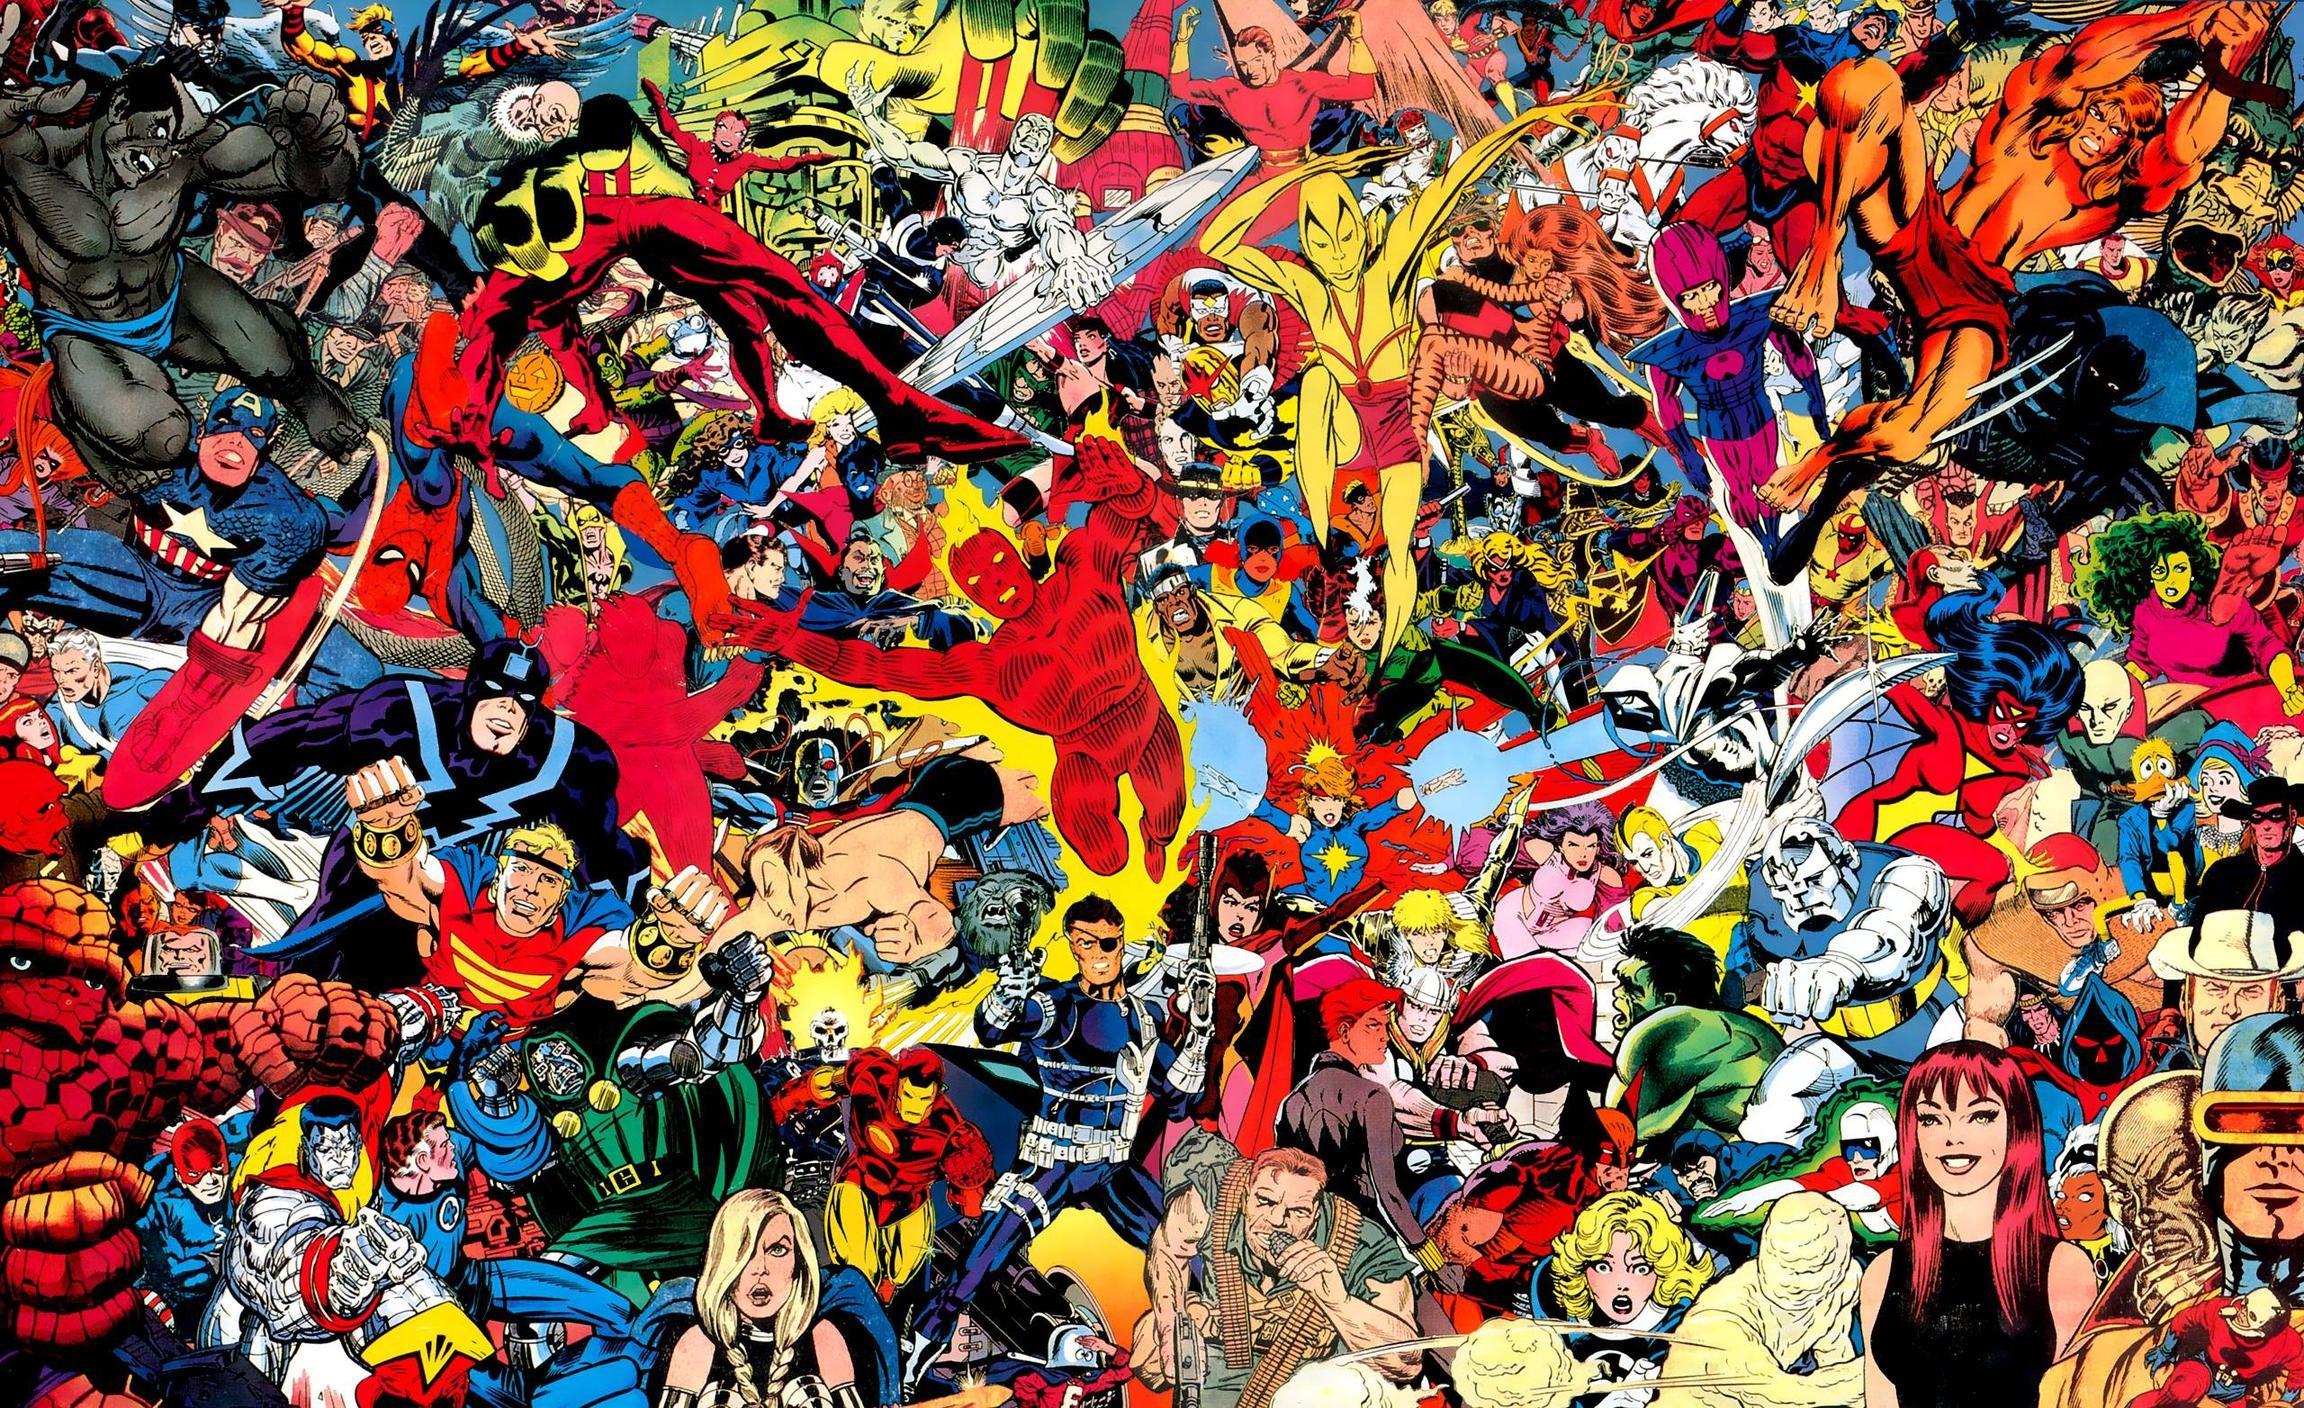 2304x1408 Classic Marvel Comics Wallpaper Images